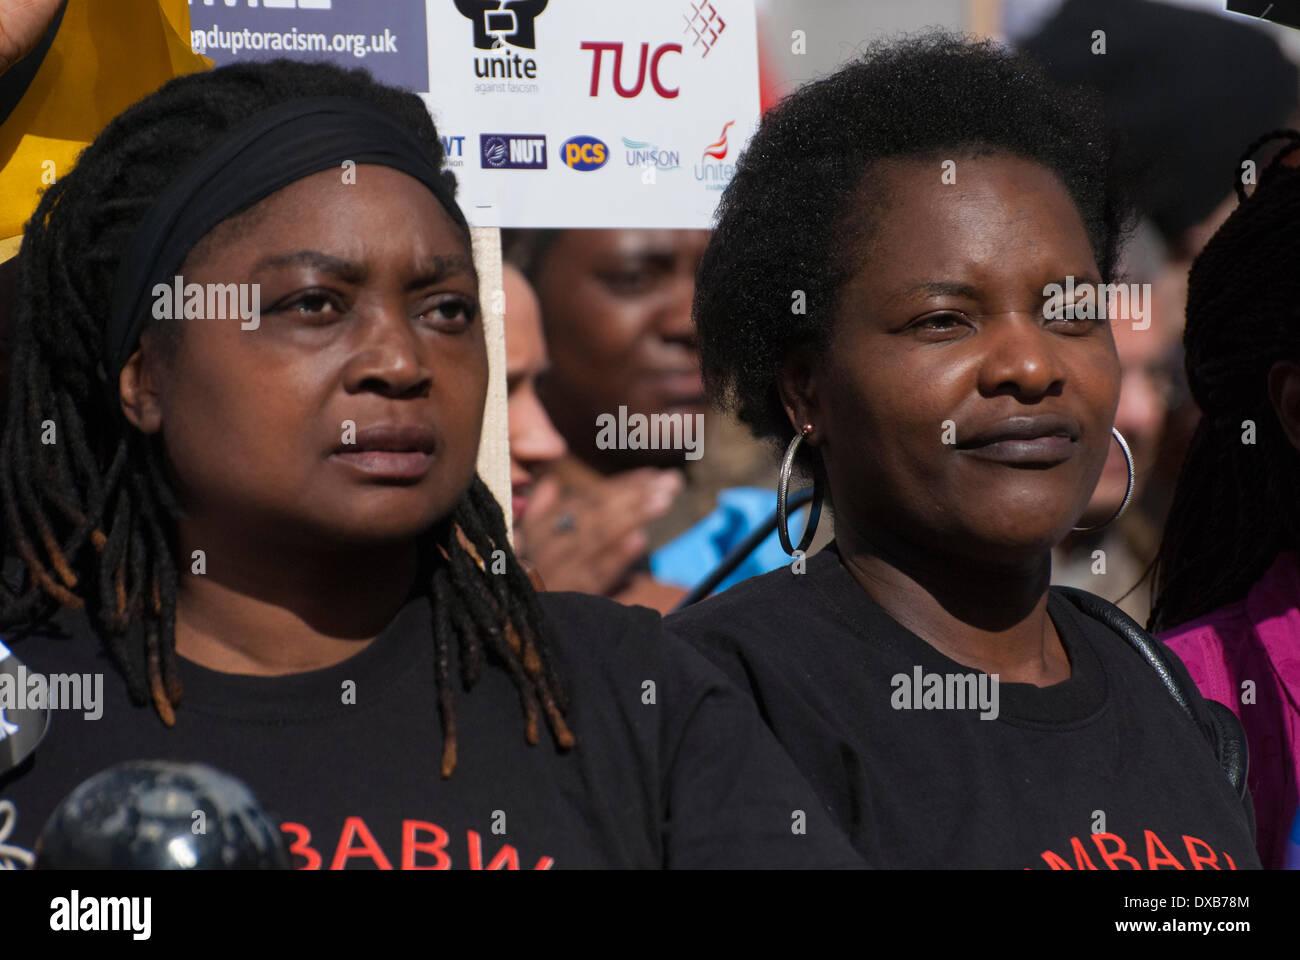 Londra, Regno Unito. Il 22 marzo 2014. Le persone si sono riunite per il rally Anti-Racism ascoltare gli altoparlanti a Londra in Trafalgar Square. Credito: Peter Manning/Alamy Live News Immagini Stock